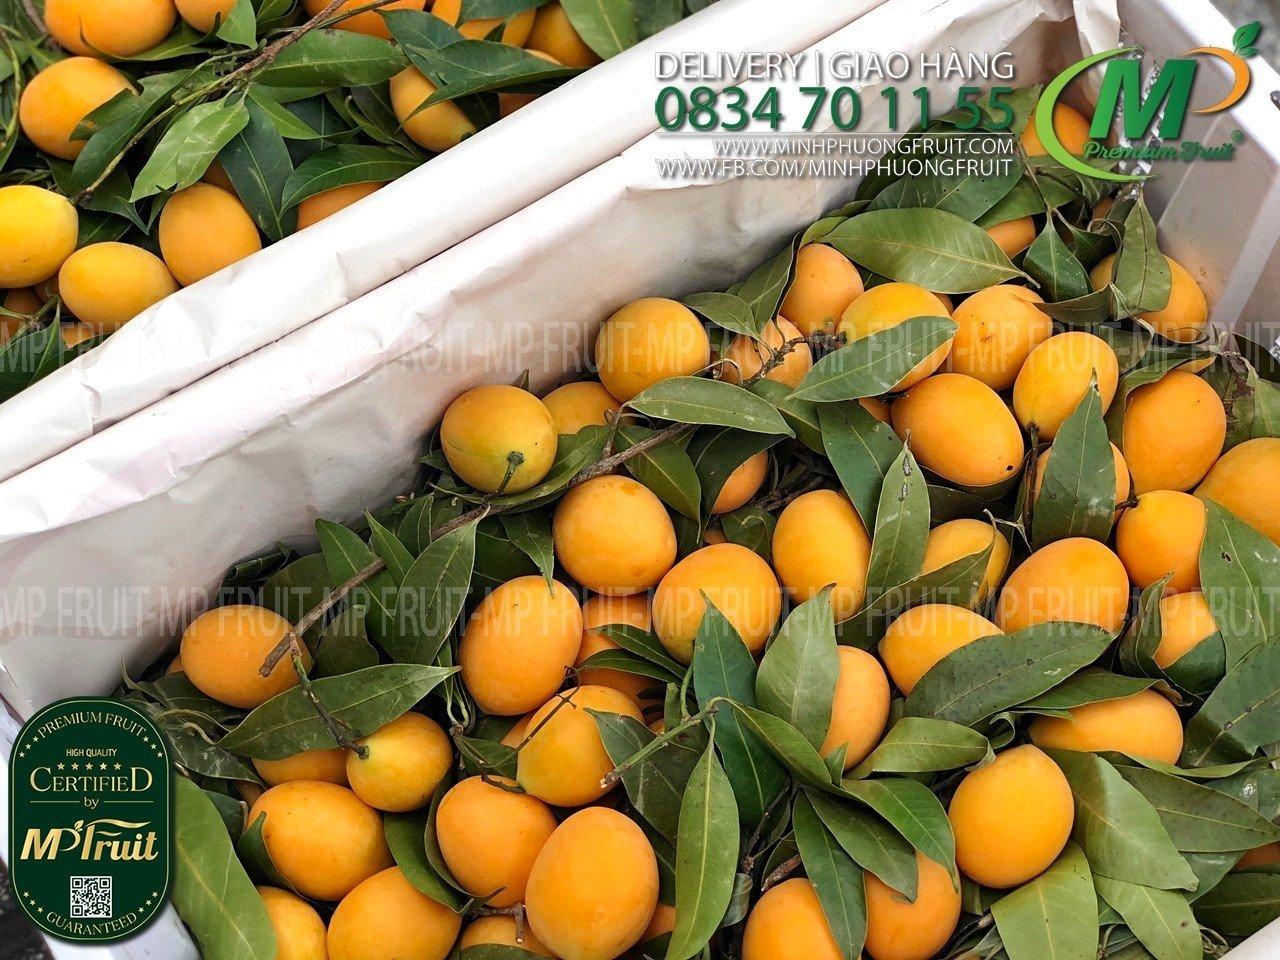 Quả Thanh Trà Thái Lan tại MP Fruits